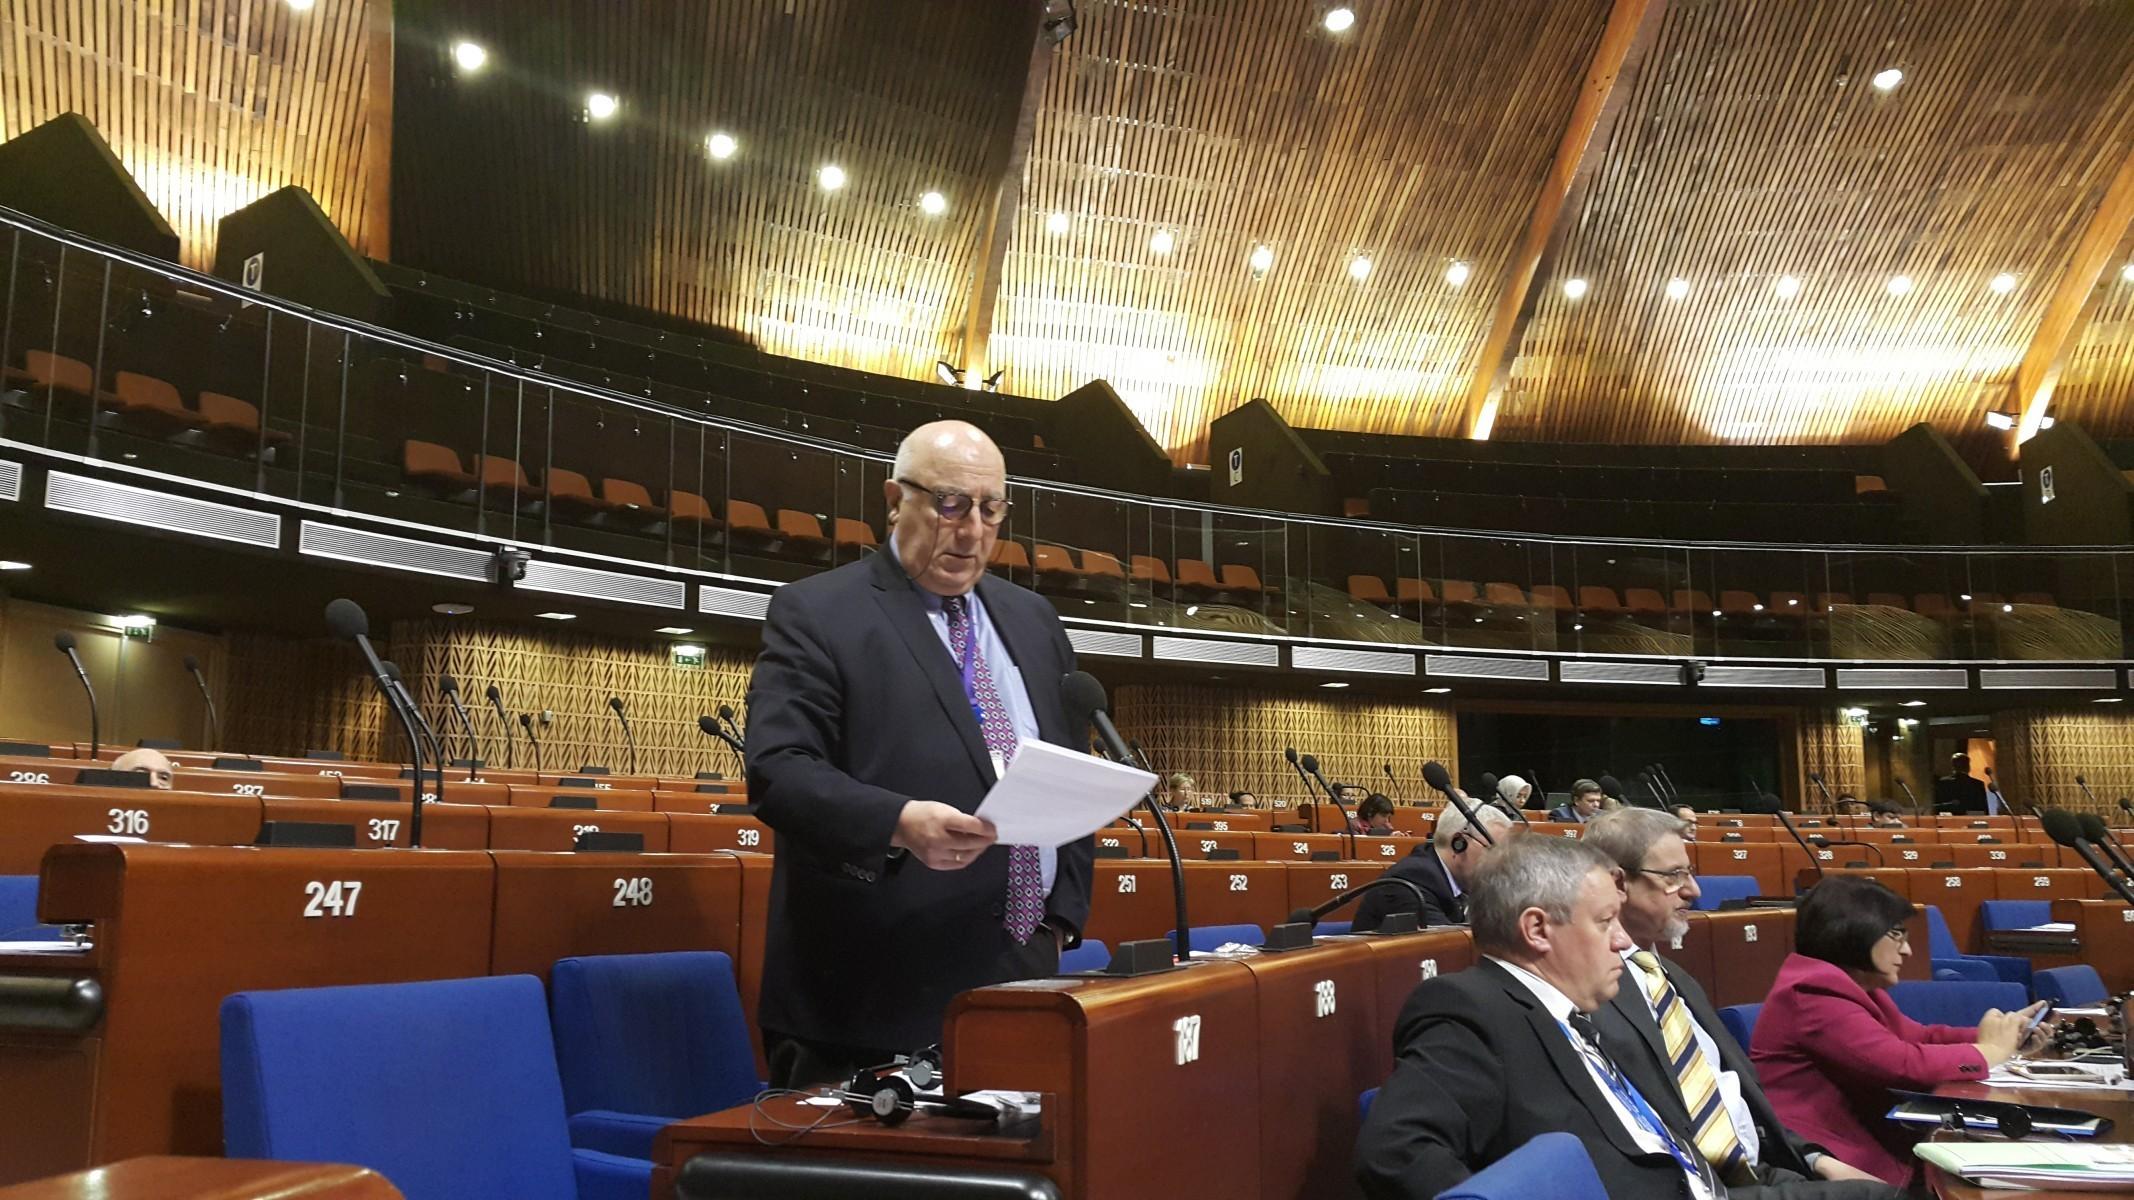 საქართველოს პარლამენტი ევროპის საბჭოს საპარლამენტო ასამბლეაზე, თედო ჯაფარიძის გამოსვლის ტექსტს აქვეყნებს